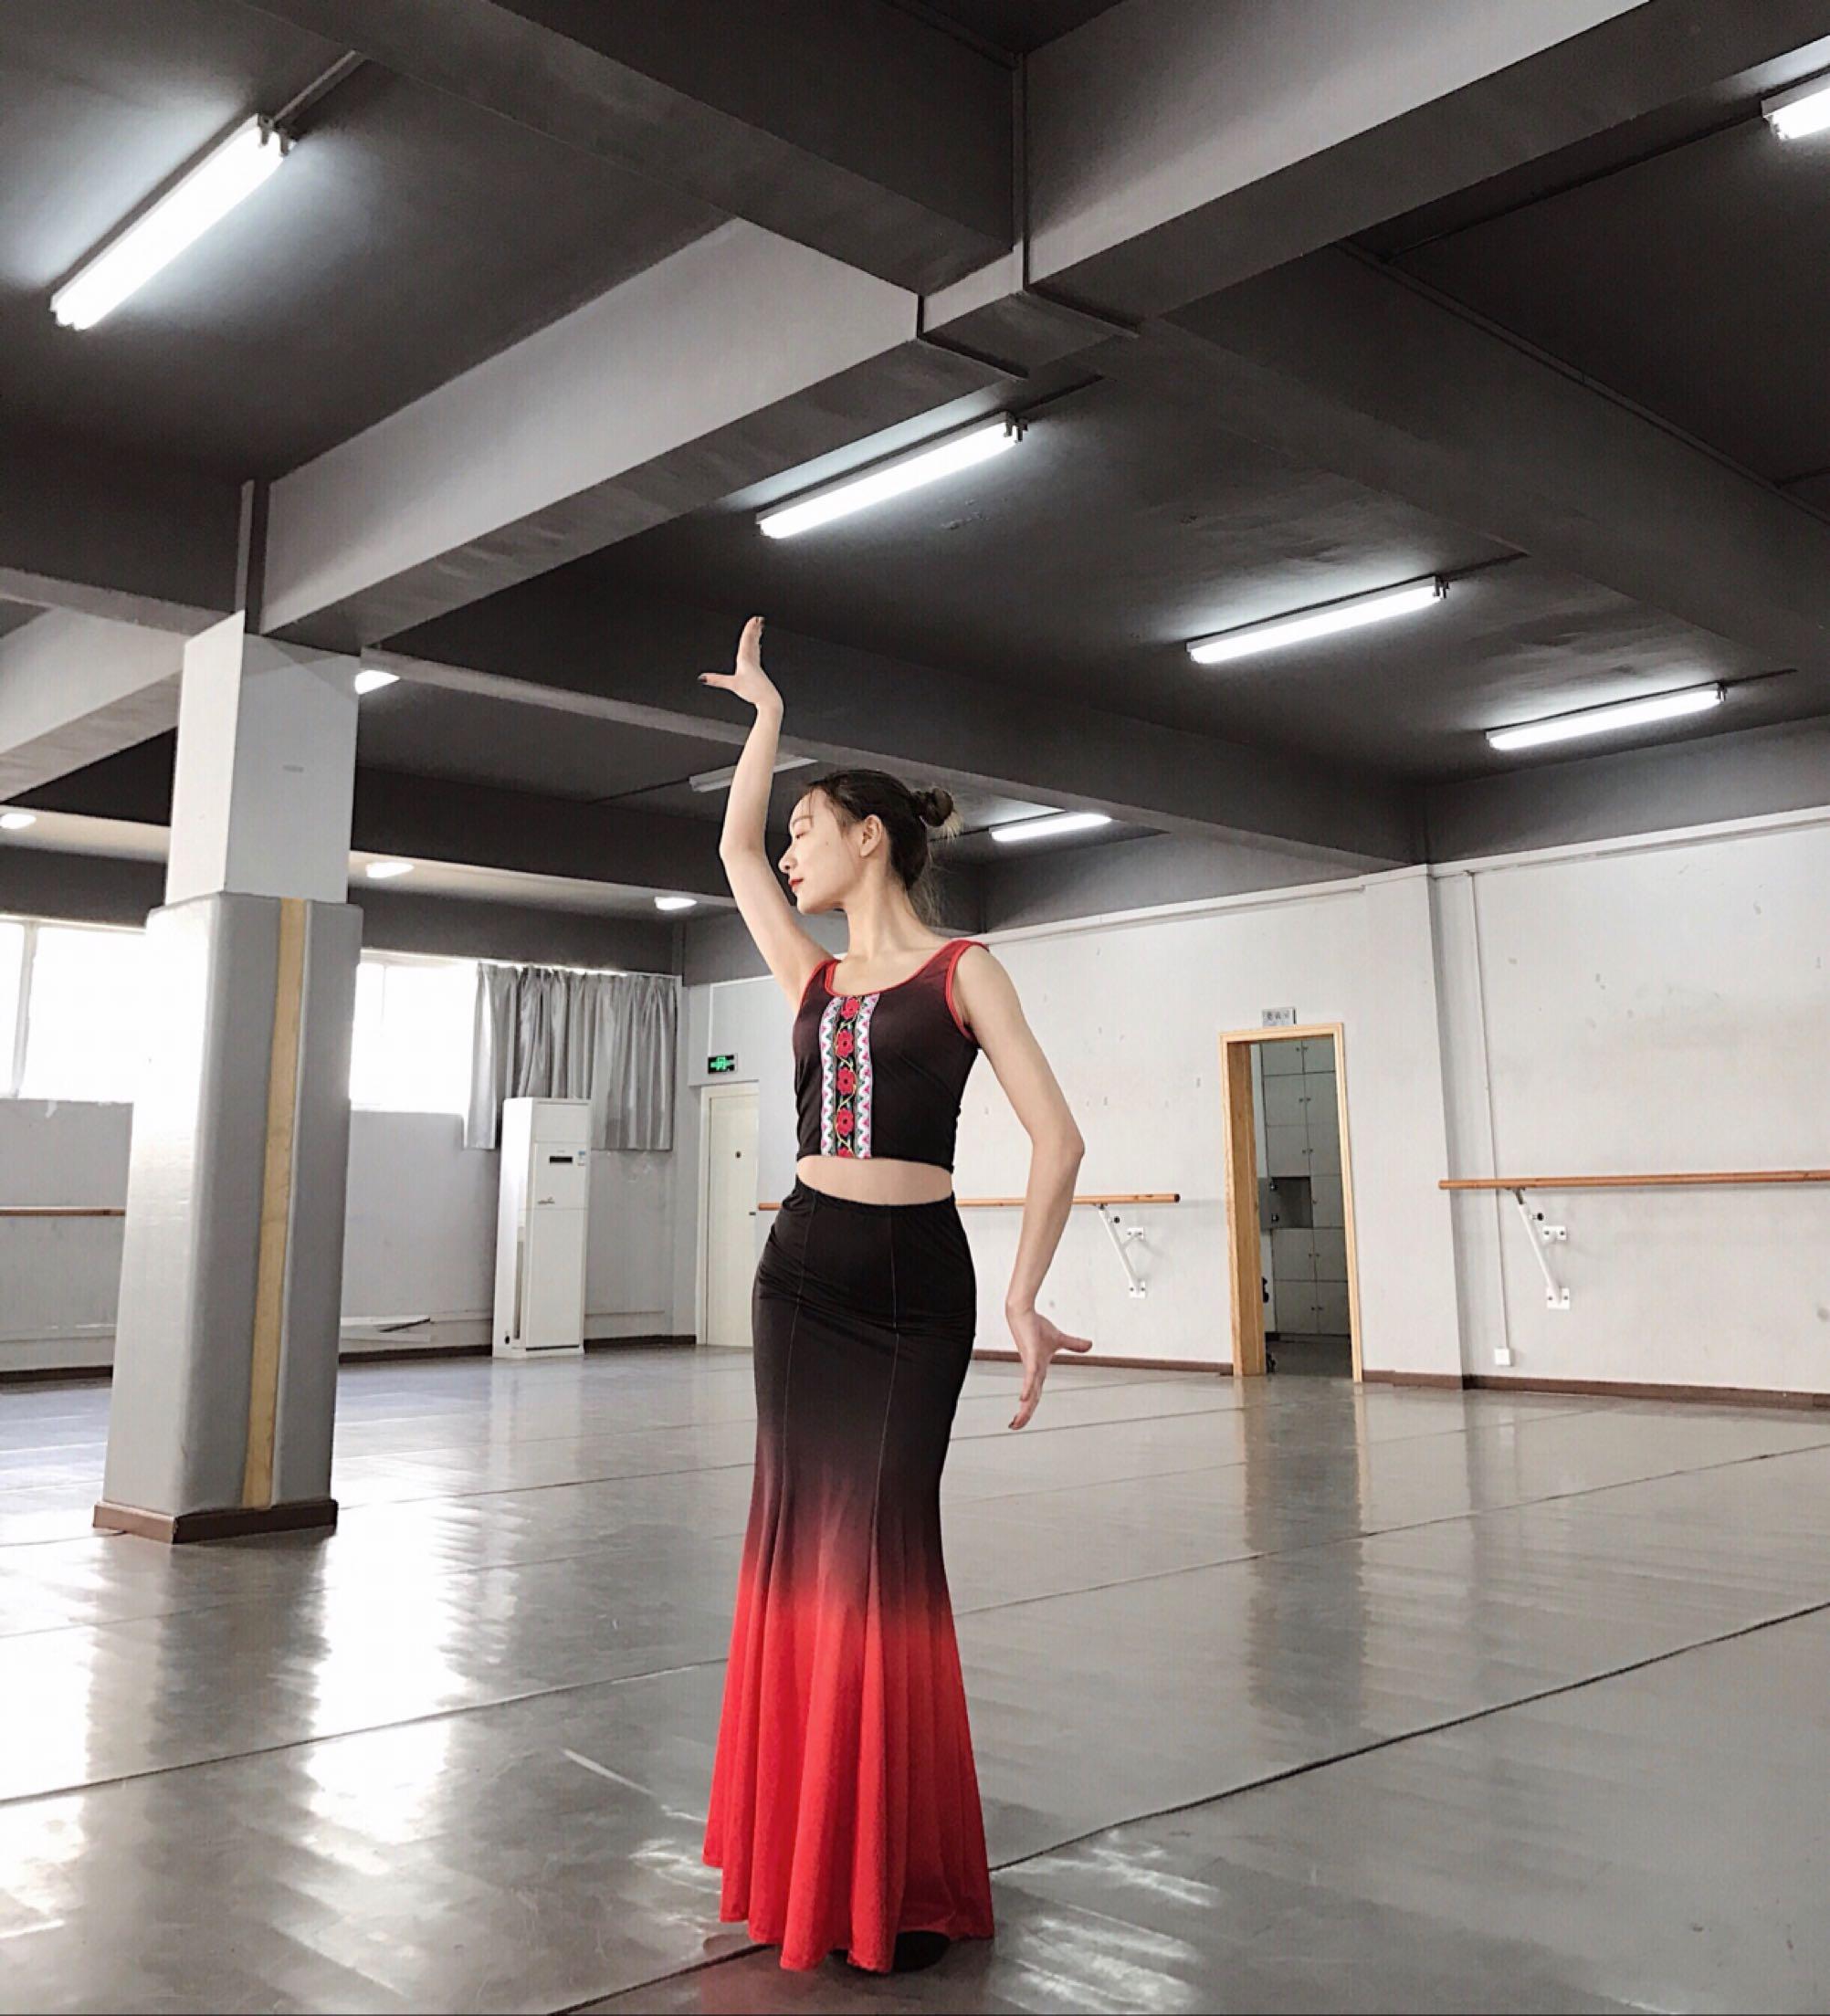 Спец. предложение новая коллекция Практика юбка платье Дай танцы костюм взрослый танец костюм национальное платье павлинский танец